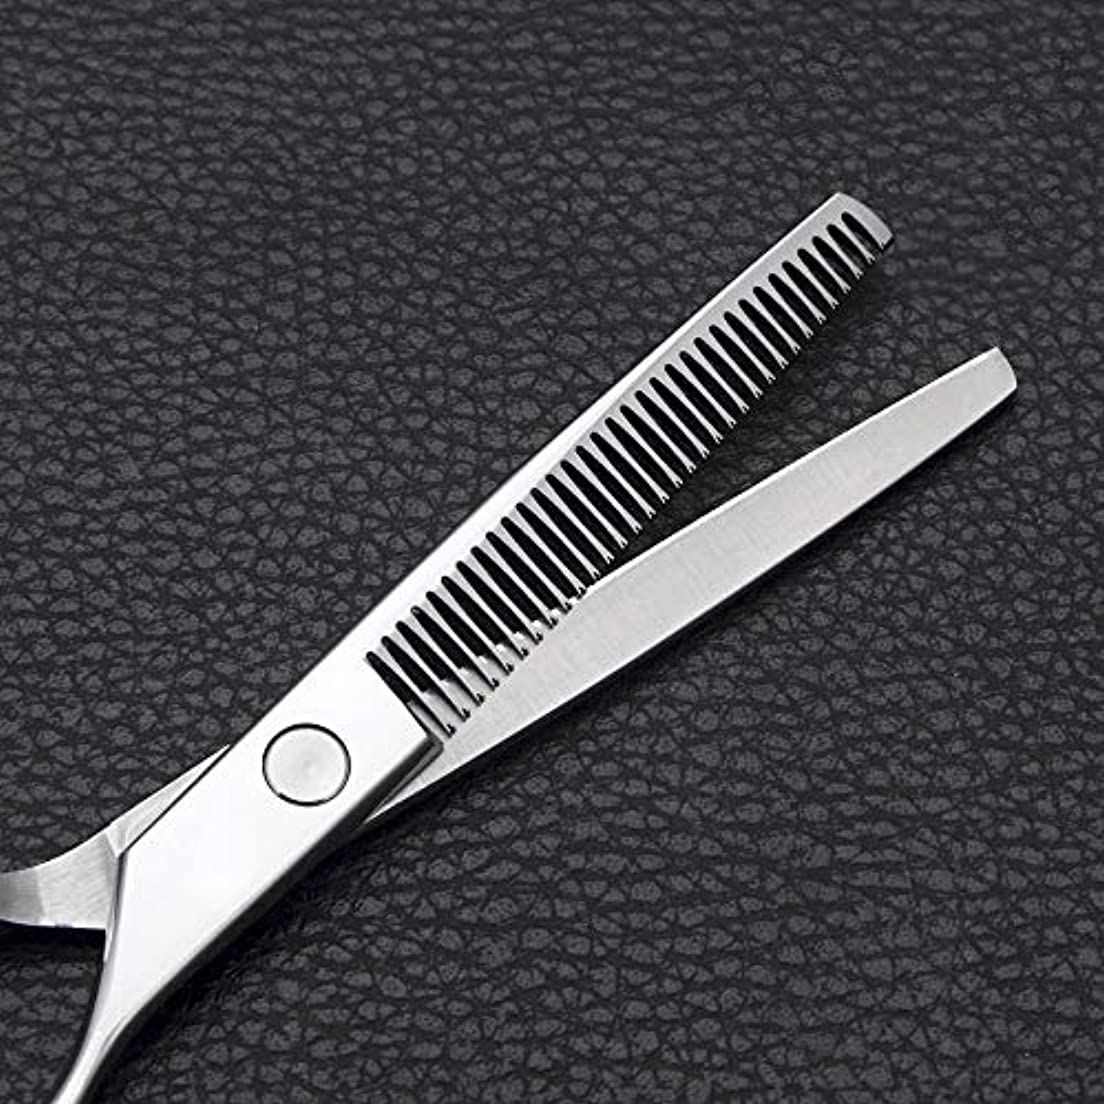 お酢排他的崖6インチの理髪はさみ、ステンレス鋼の歯はさみをはさみます モデリングツール (色 : Silver)